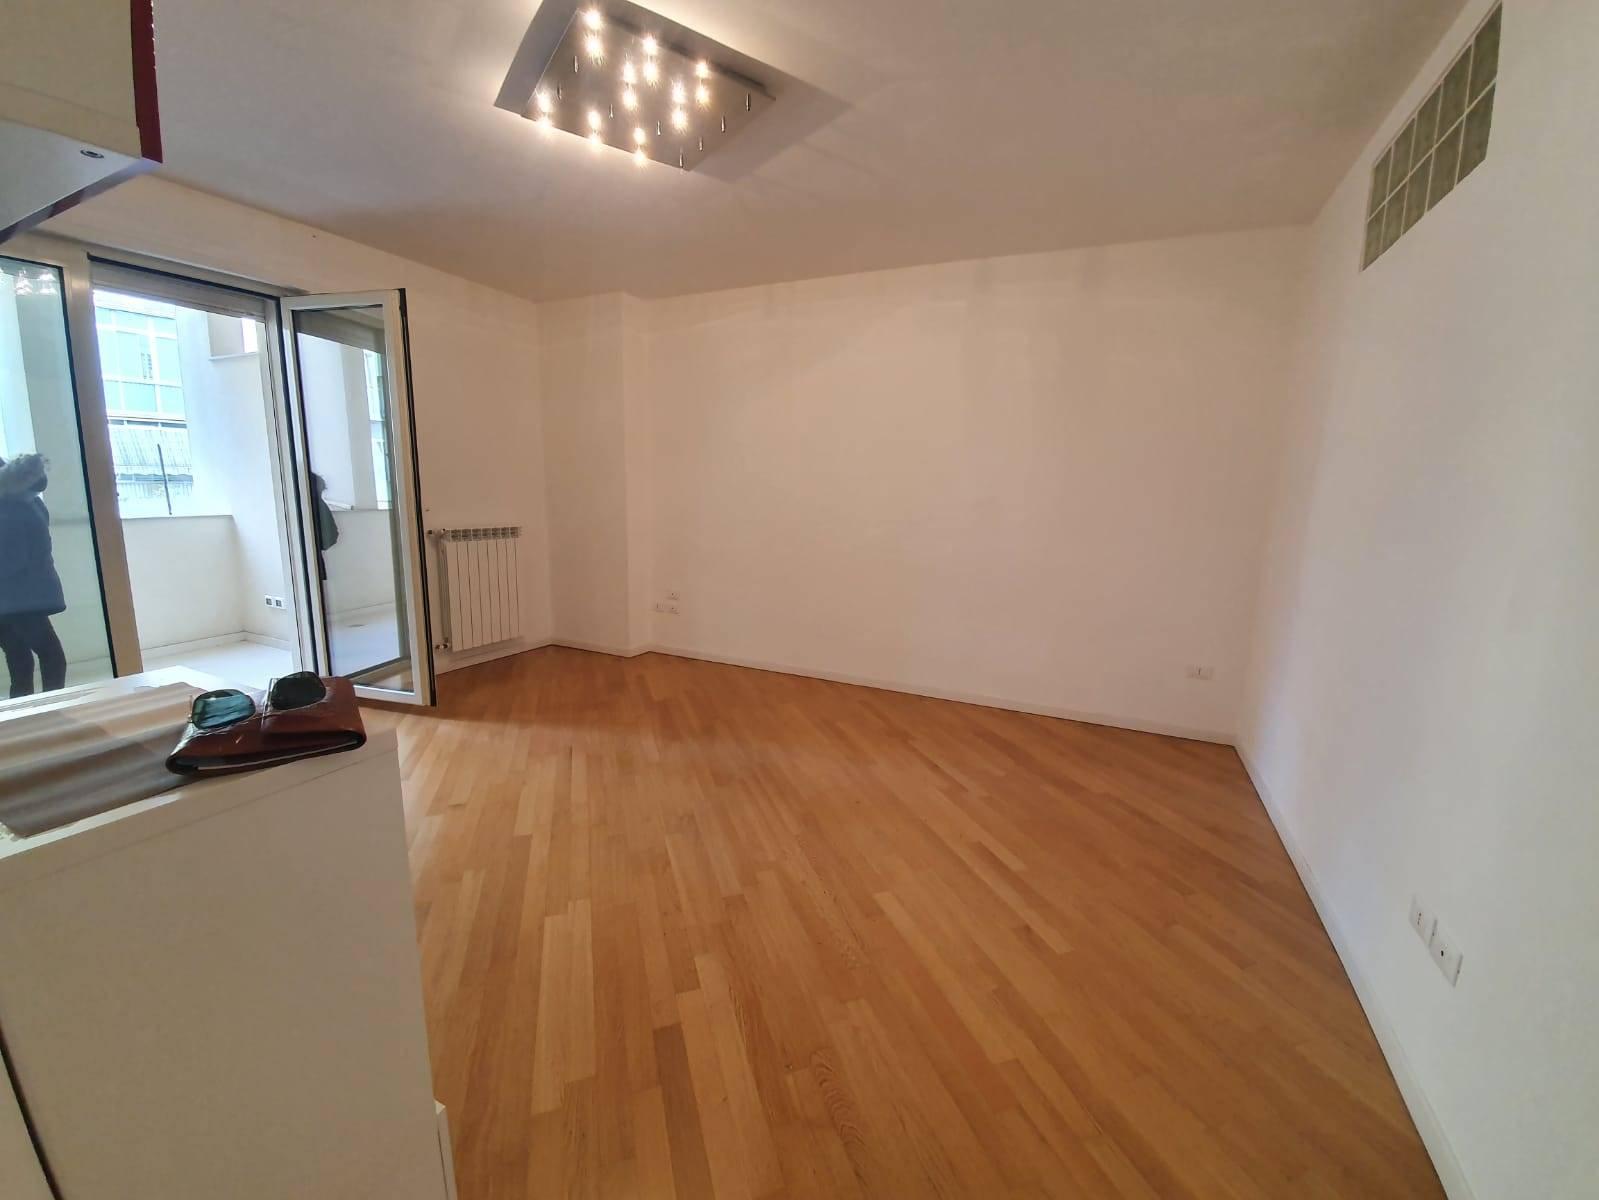 Appartamento in vendita a Bari, 3 locali, zona Zona: Libertà, prezzo € 198.000   CambioCasa.it